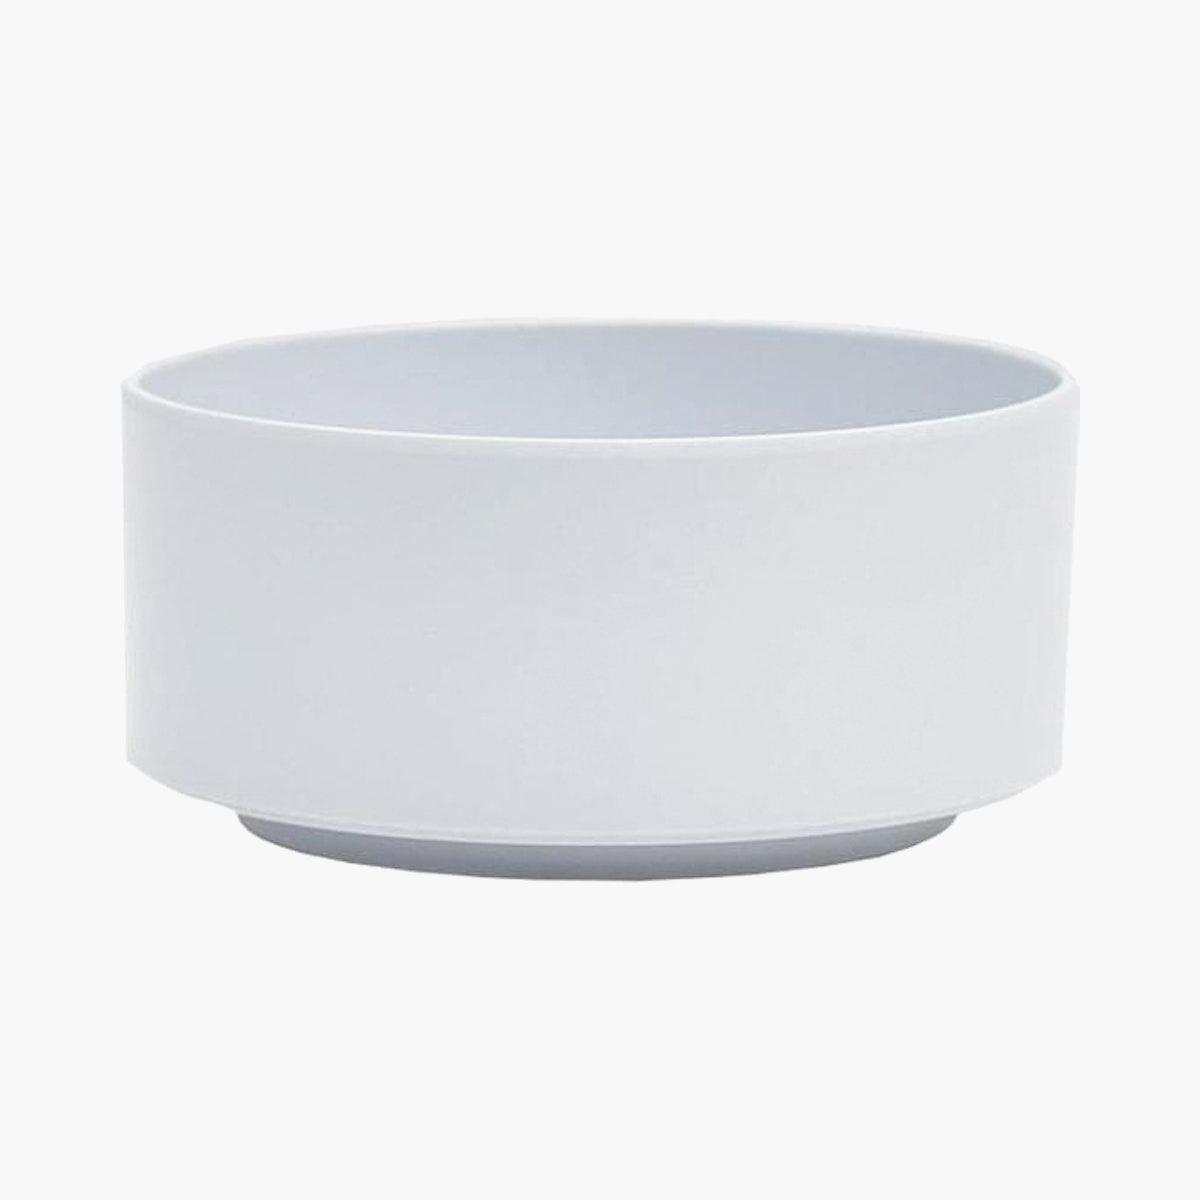 Heller Dinnerware - Soup Bowl, White